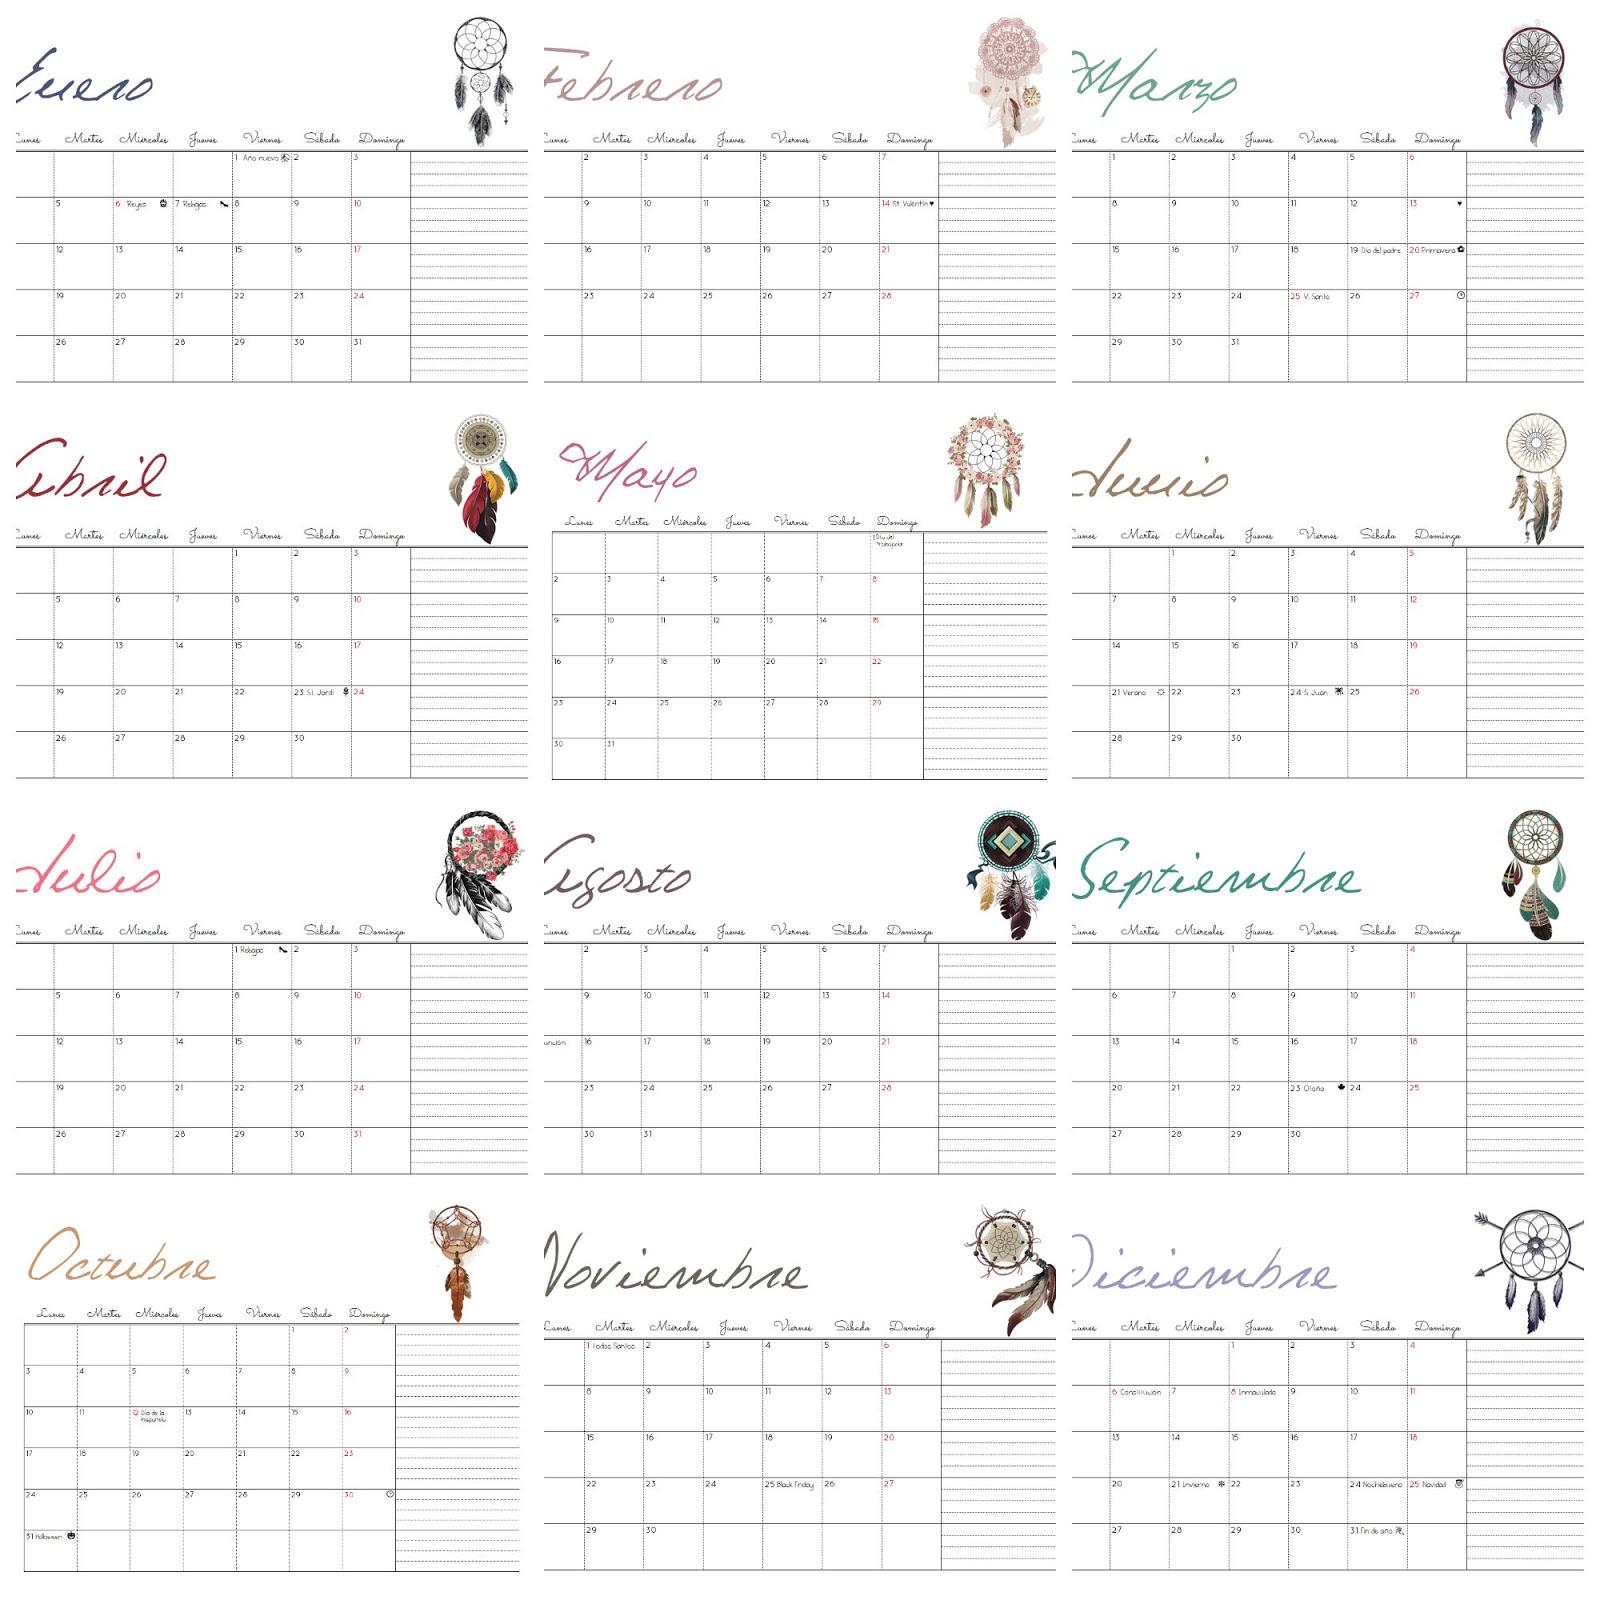 Calendario Mensual Mr Wonderful.Marthibis Calendario 2016